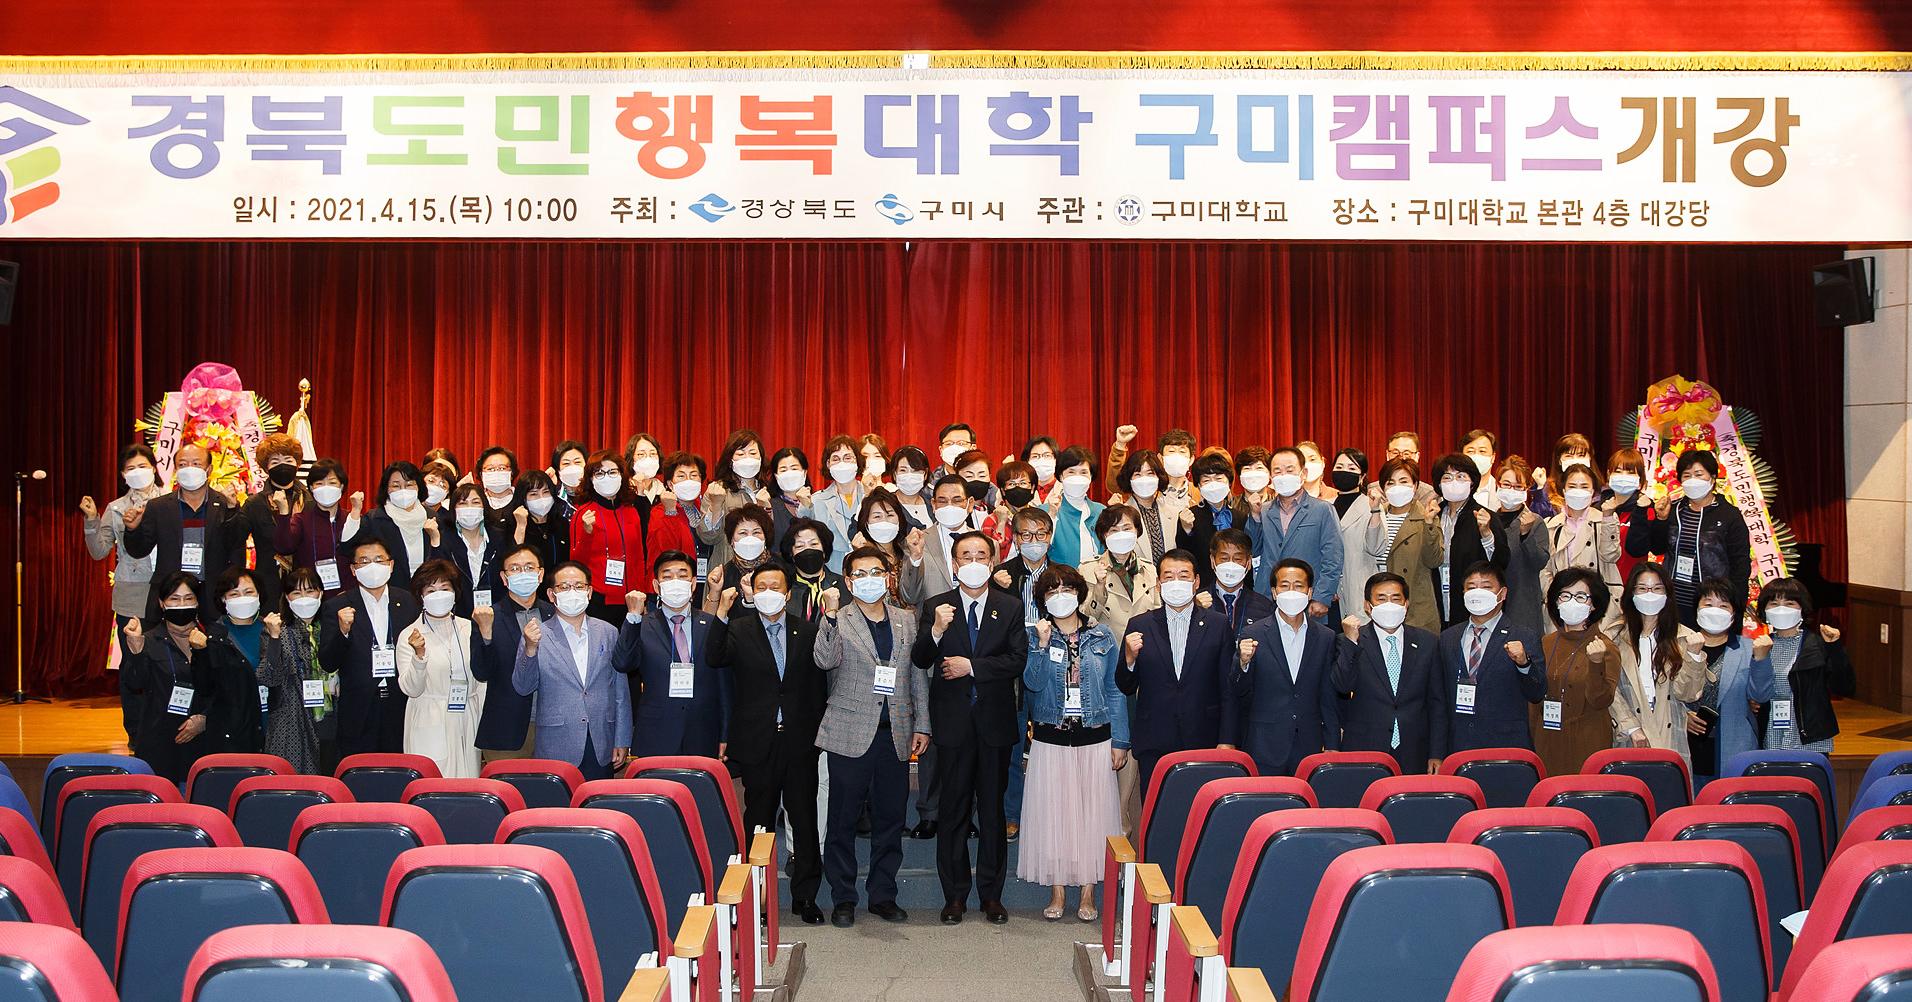 경북도민 행복대학 구미캠퍼스 개강!